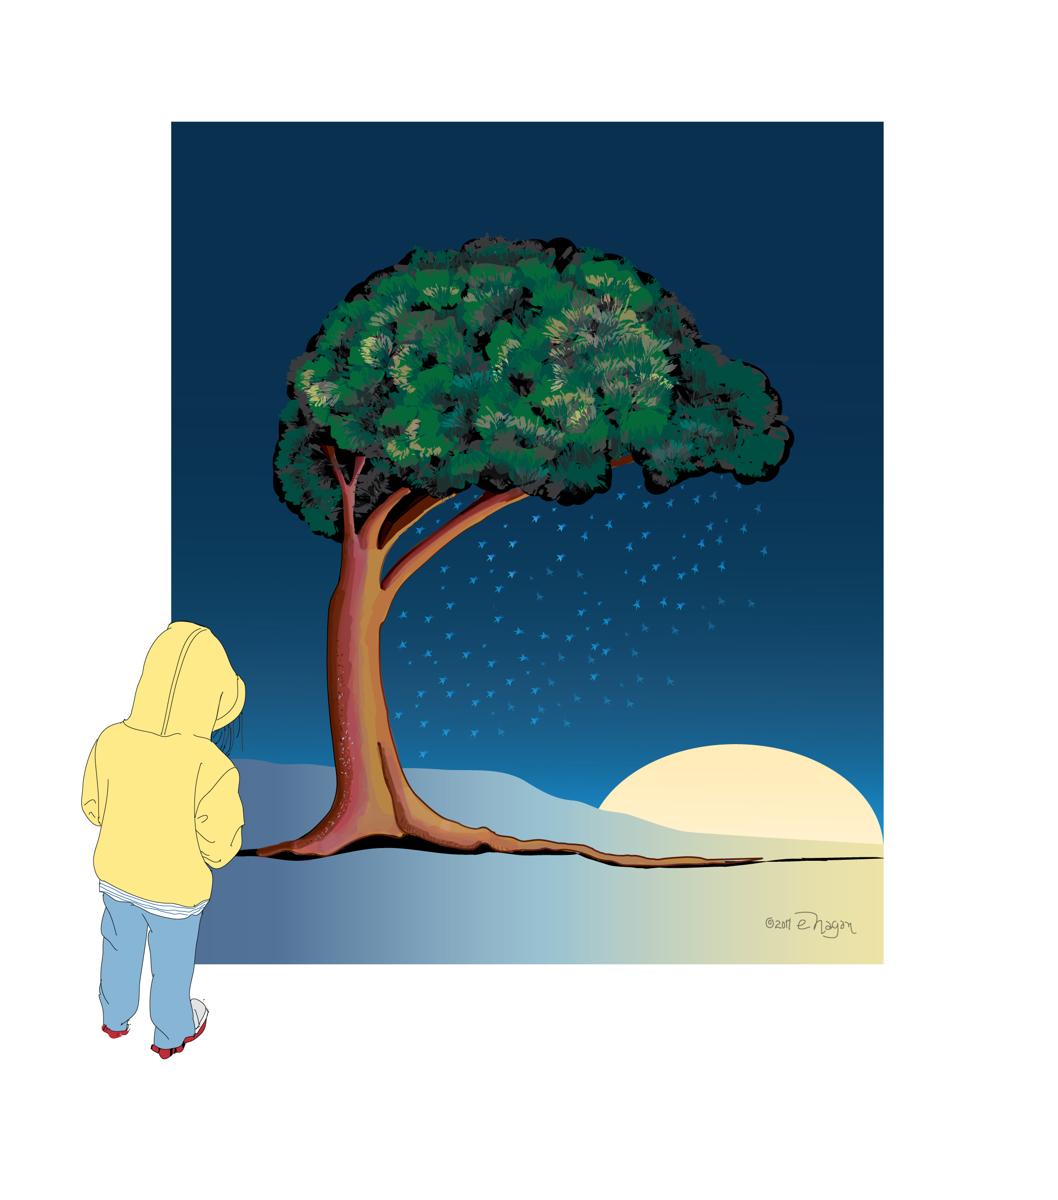 GIRL WATCHING NIGHT TREE (large view)